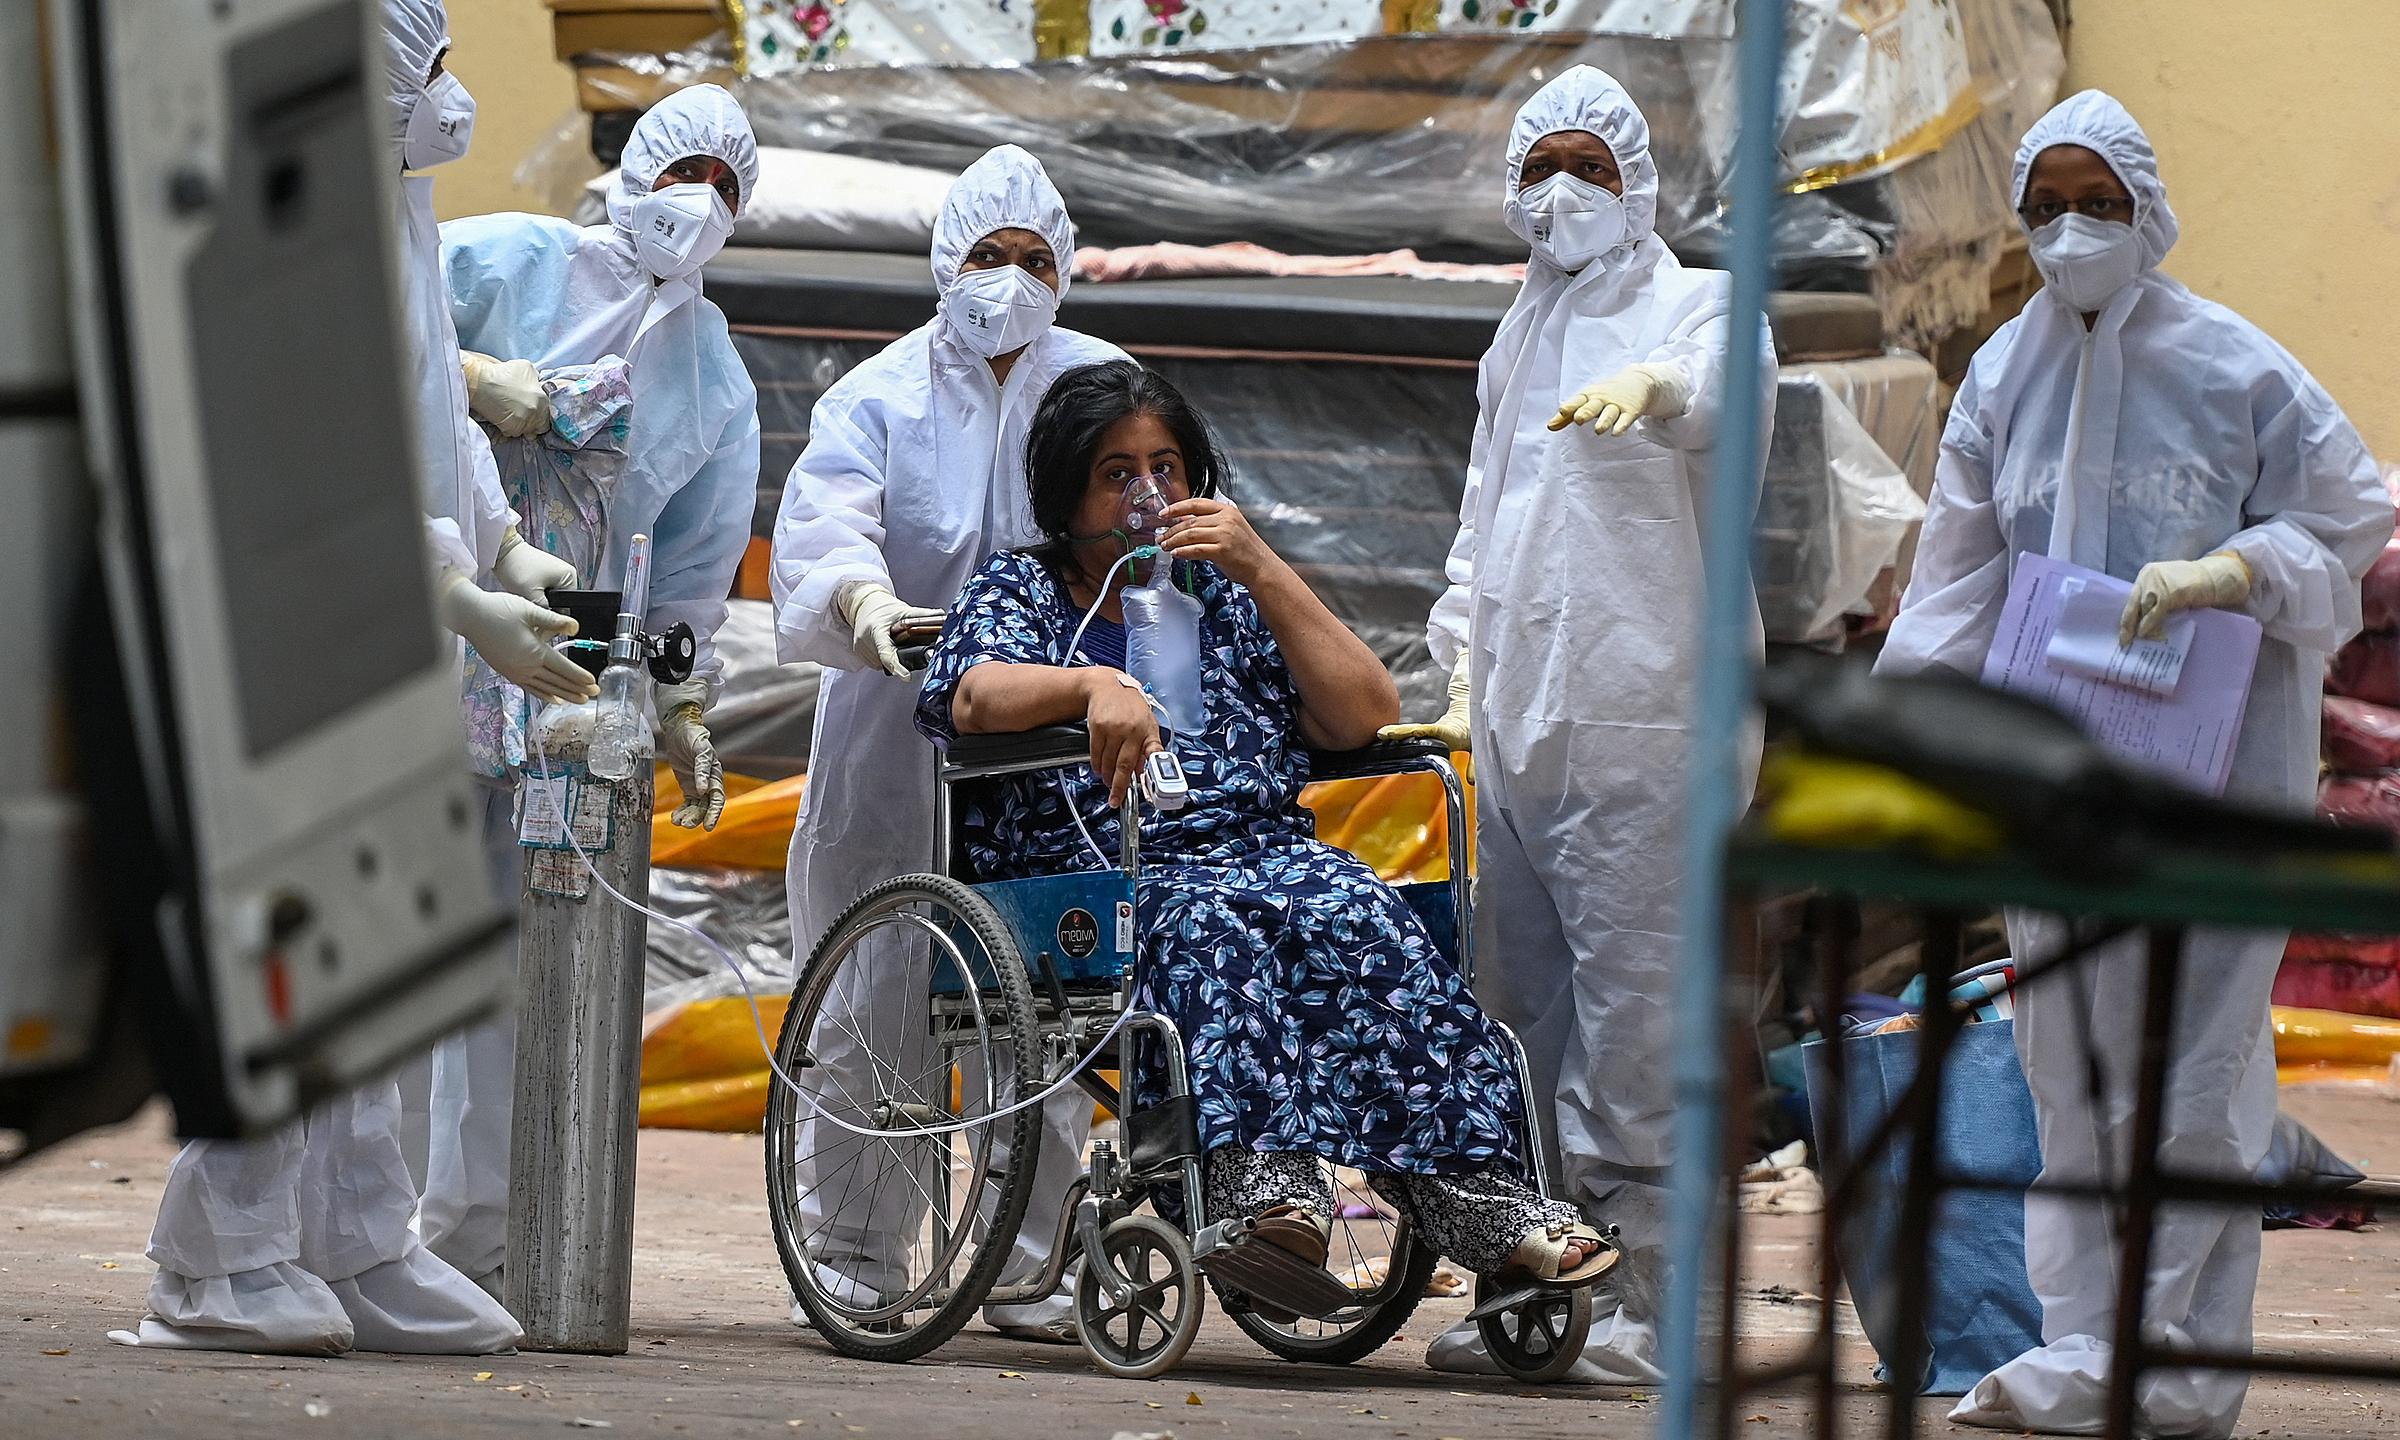 Nhân viên y tế tại thành phố Mumbai, Ấn Độ, chuyển bệnh nhân đến khu vực chăm sóc tích cực (ICU) vào ngày 21/4. Ảnh: AFP.